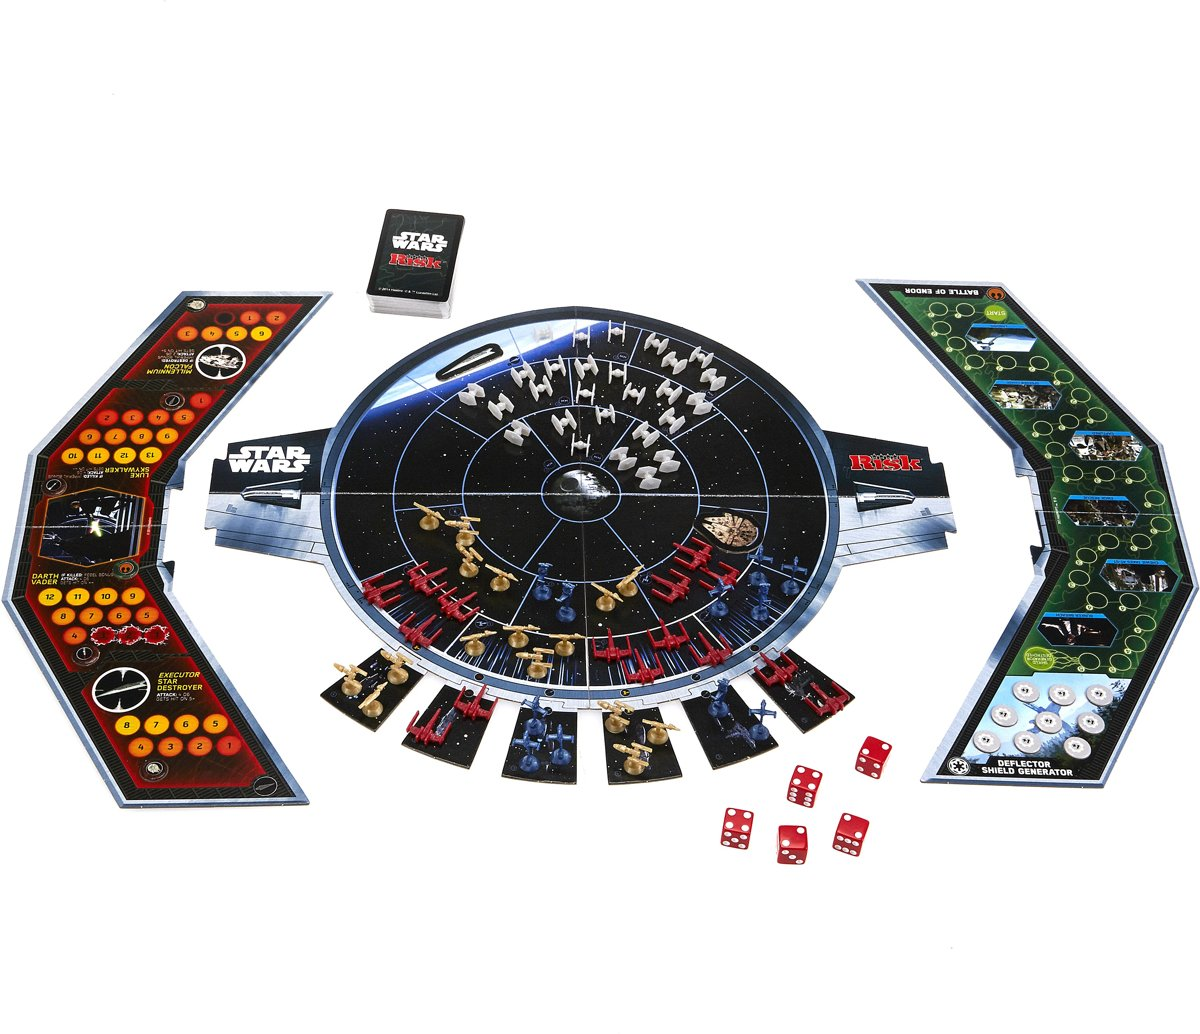 Bol Com Risk Star Wars Bordspel Hasbro Speelgoed